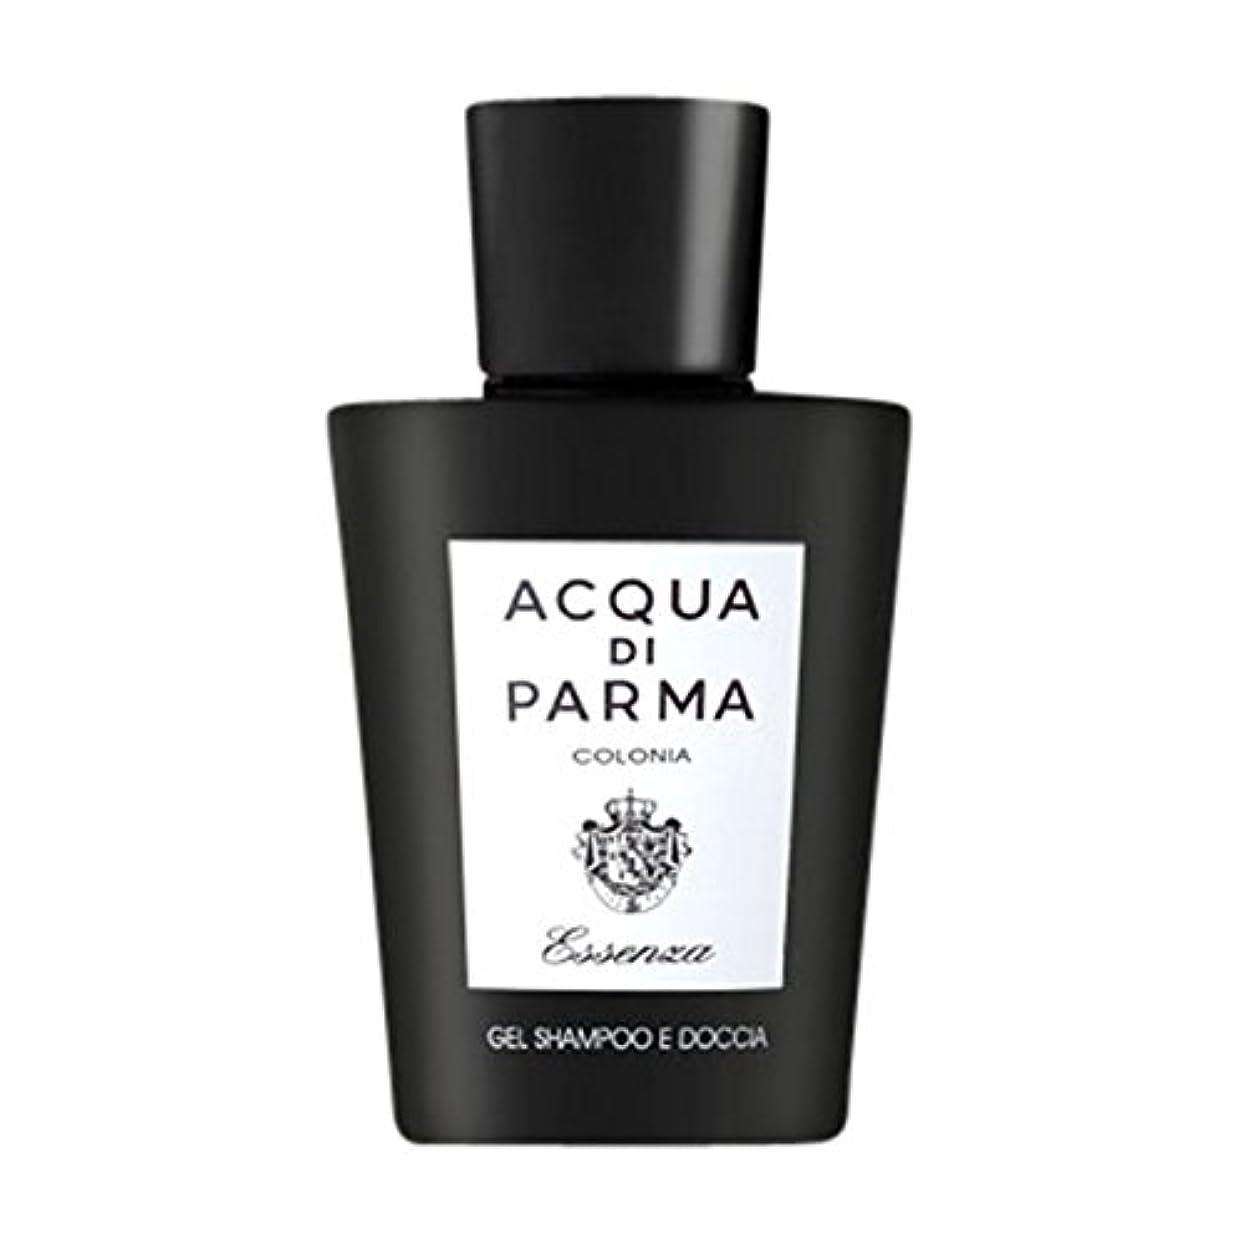 サロンミュージカルオリエンタルアクアディパルマコロニアEssenza髪とシャワージェル200ミリリットル (Acqua di Parma) (x2) - Acqua di Parma Colonia Essenza Hair and Shower Gel...